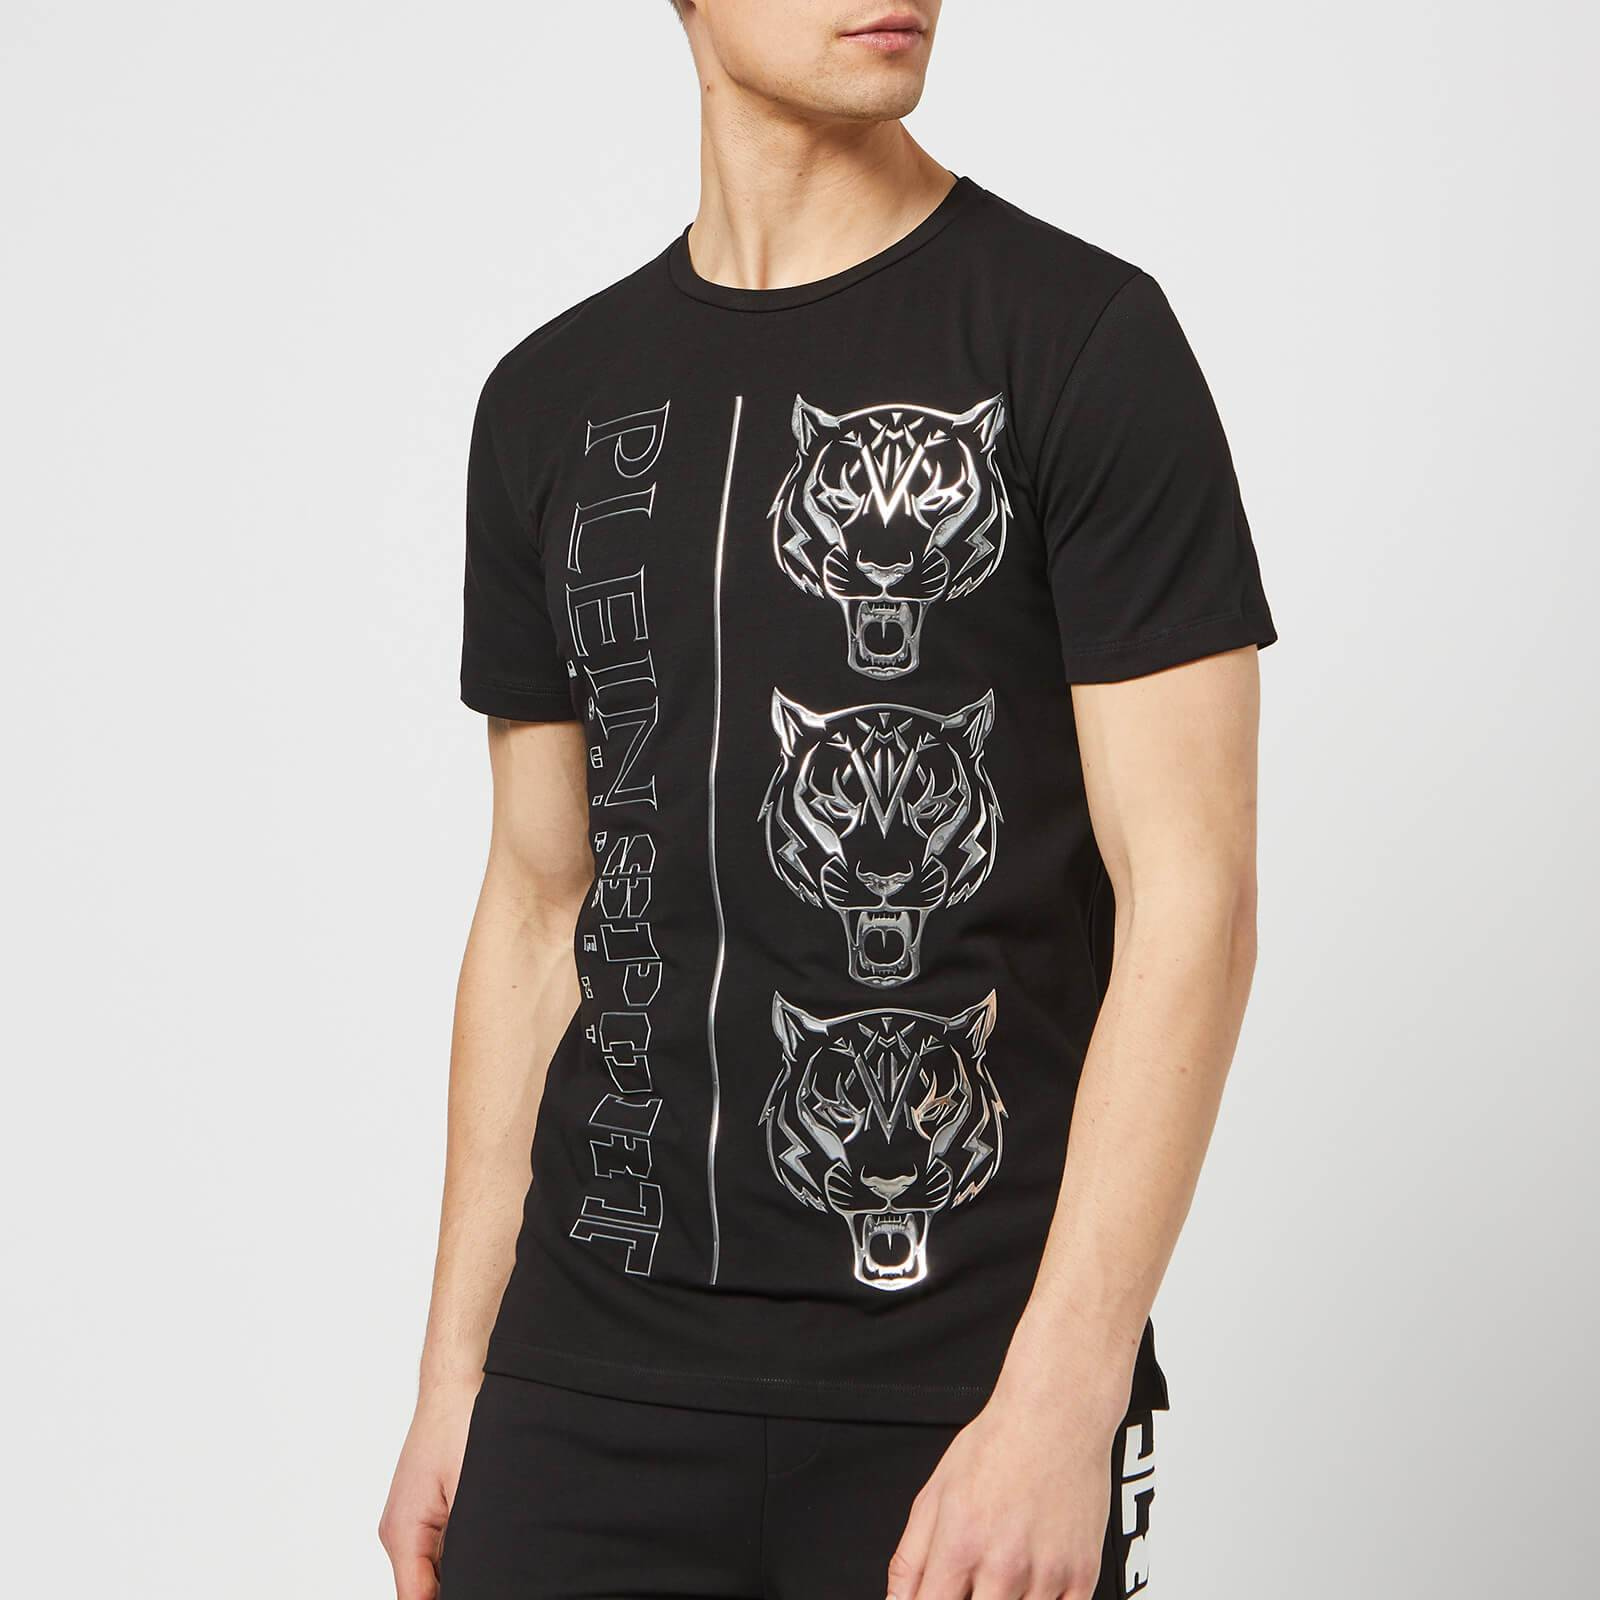 Plein Sport Men's Round Neck Tiger T-Shirt - Black/Silver - XL - Black/Silver